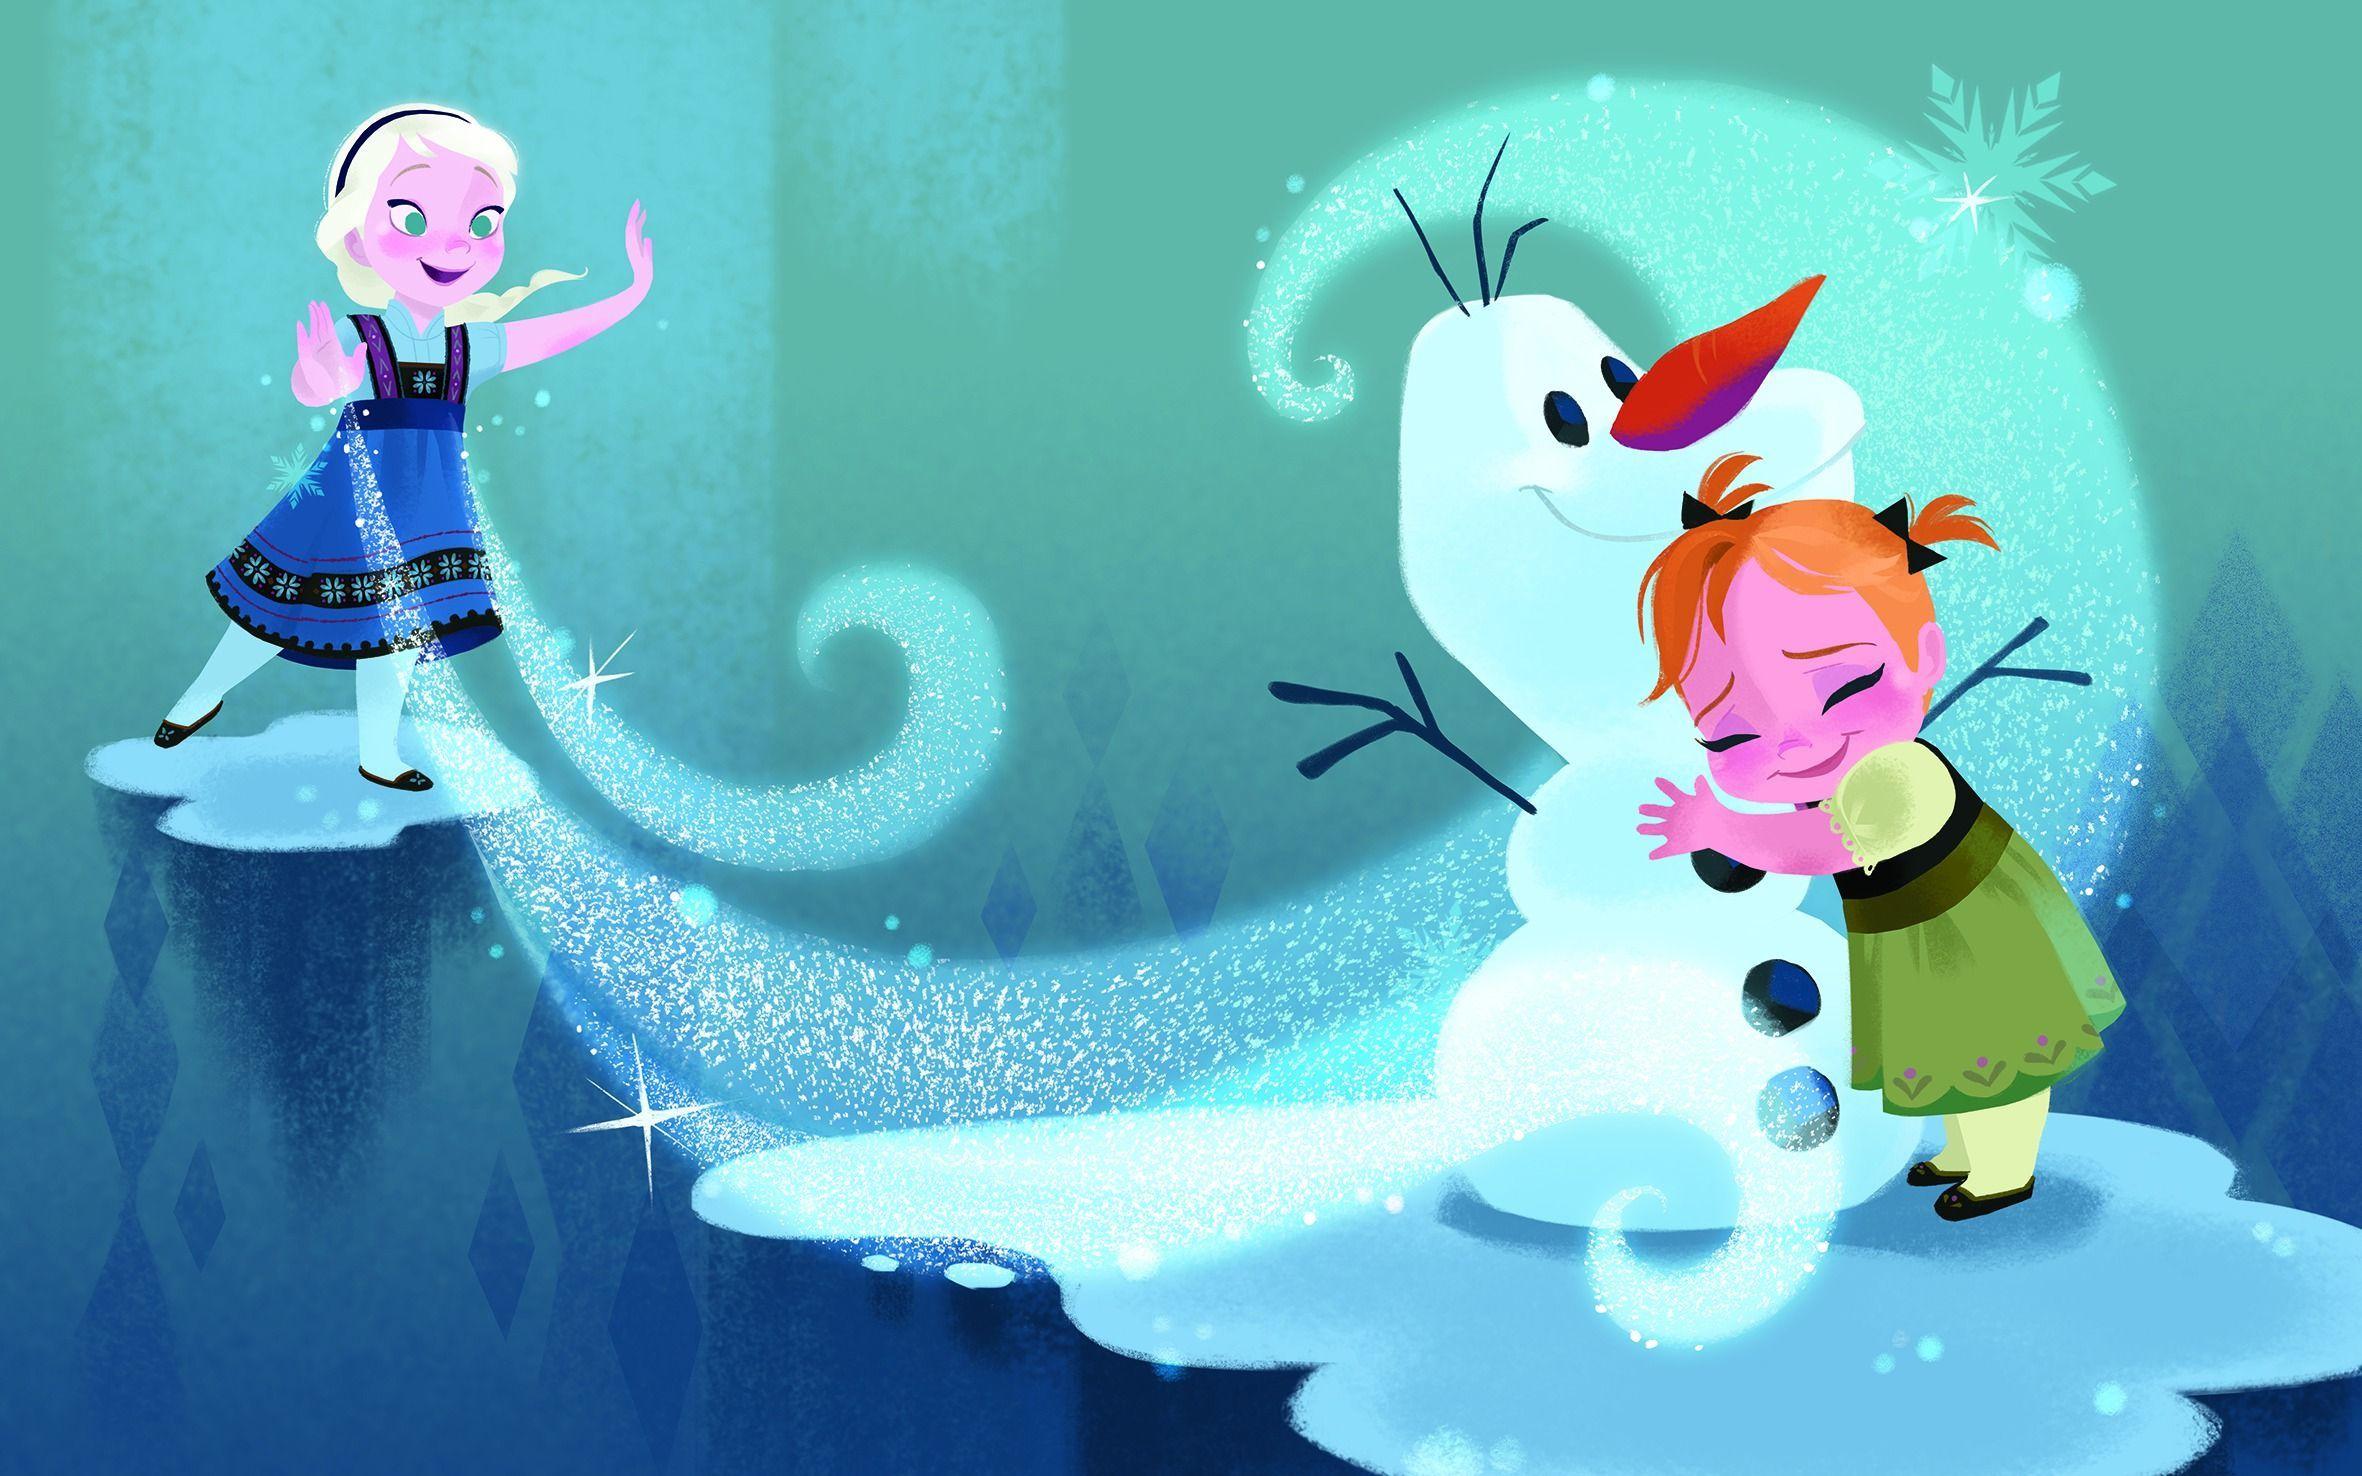 アナと雪の女王より 2013年 (C)Disney Enterprises, Inc.